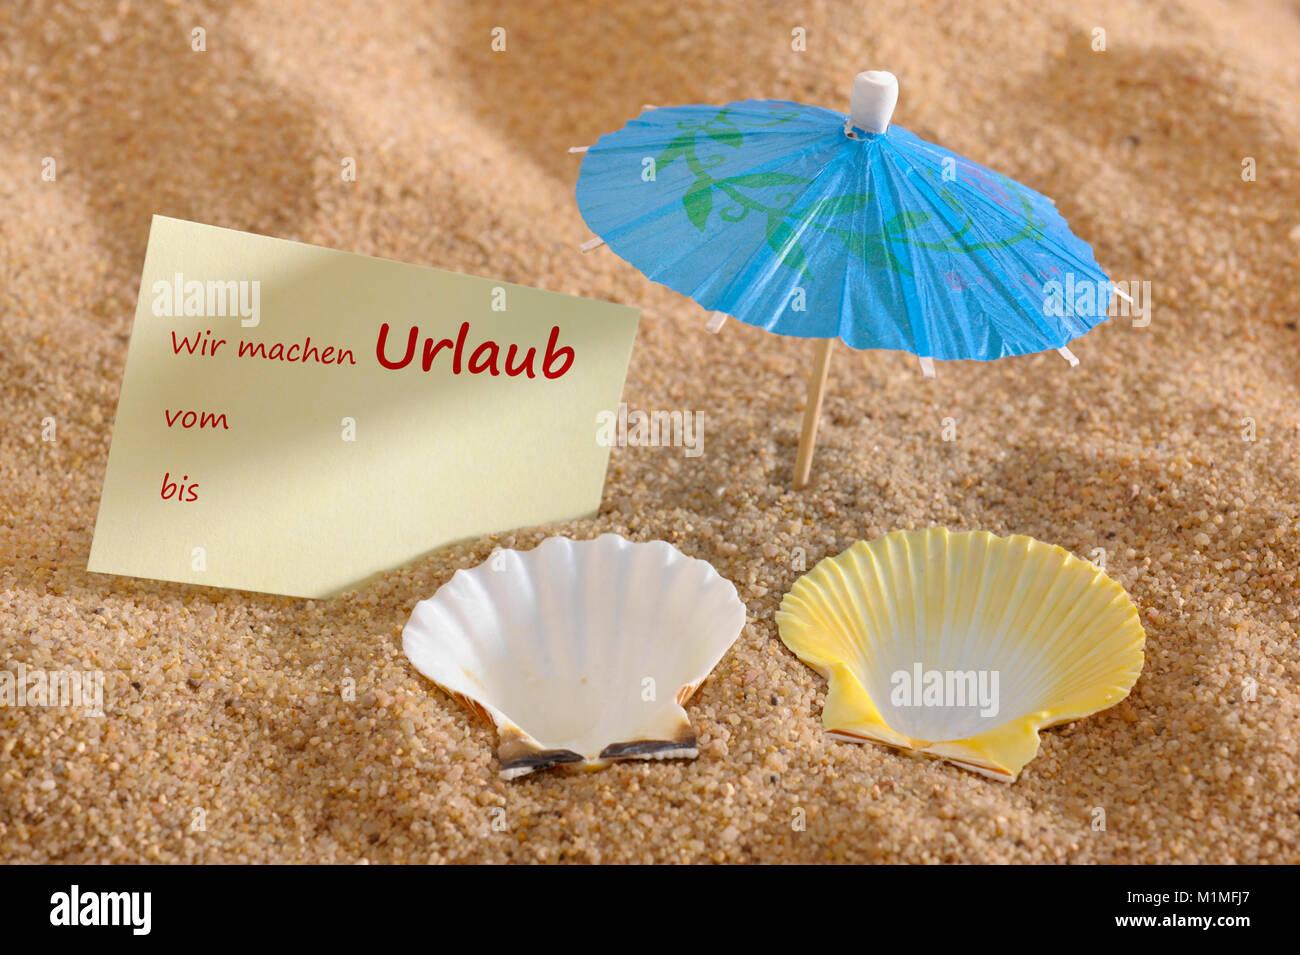 Urlaub und Ferien am Sandstrand mit Abwesenheitsnotiz - Stock Image